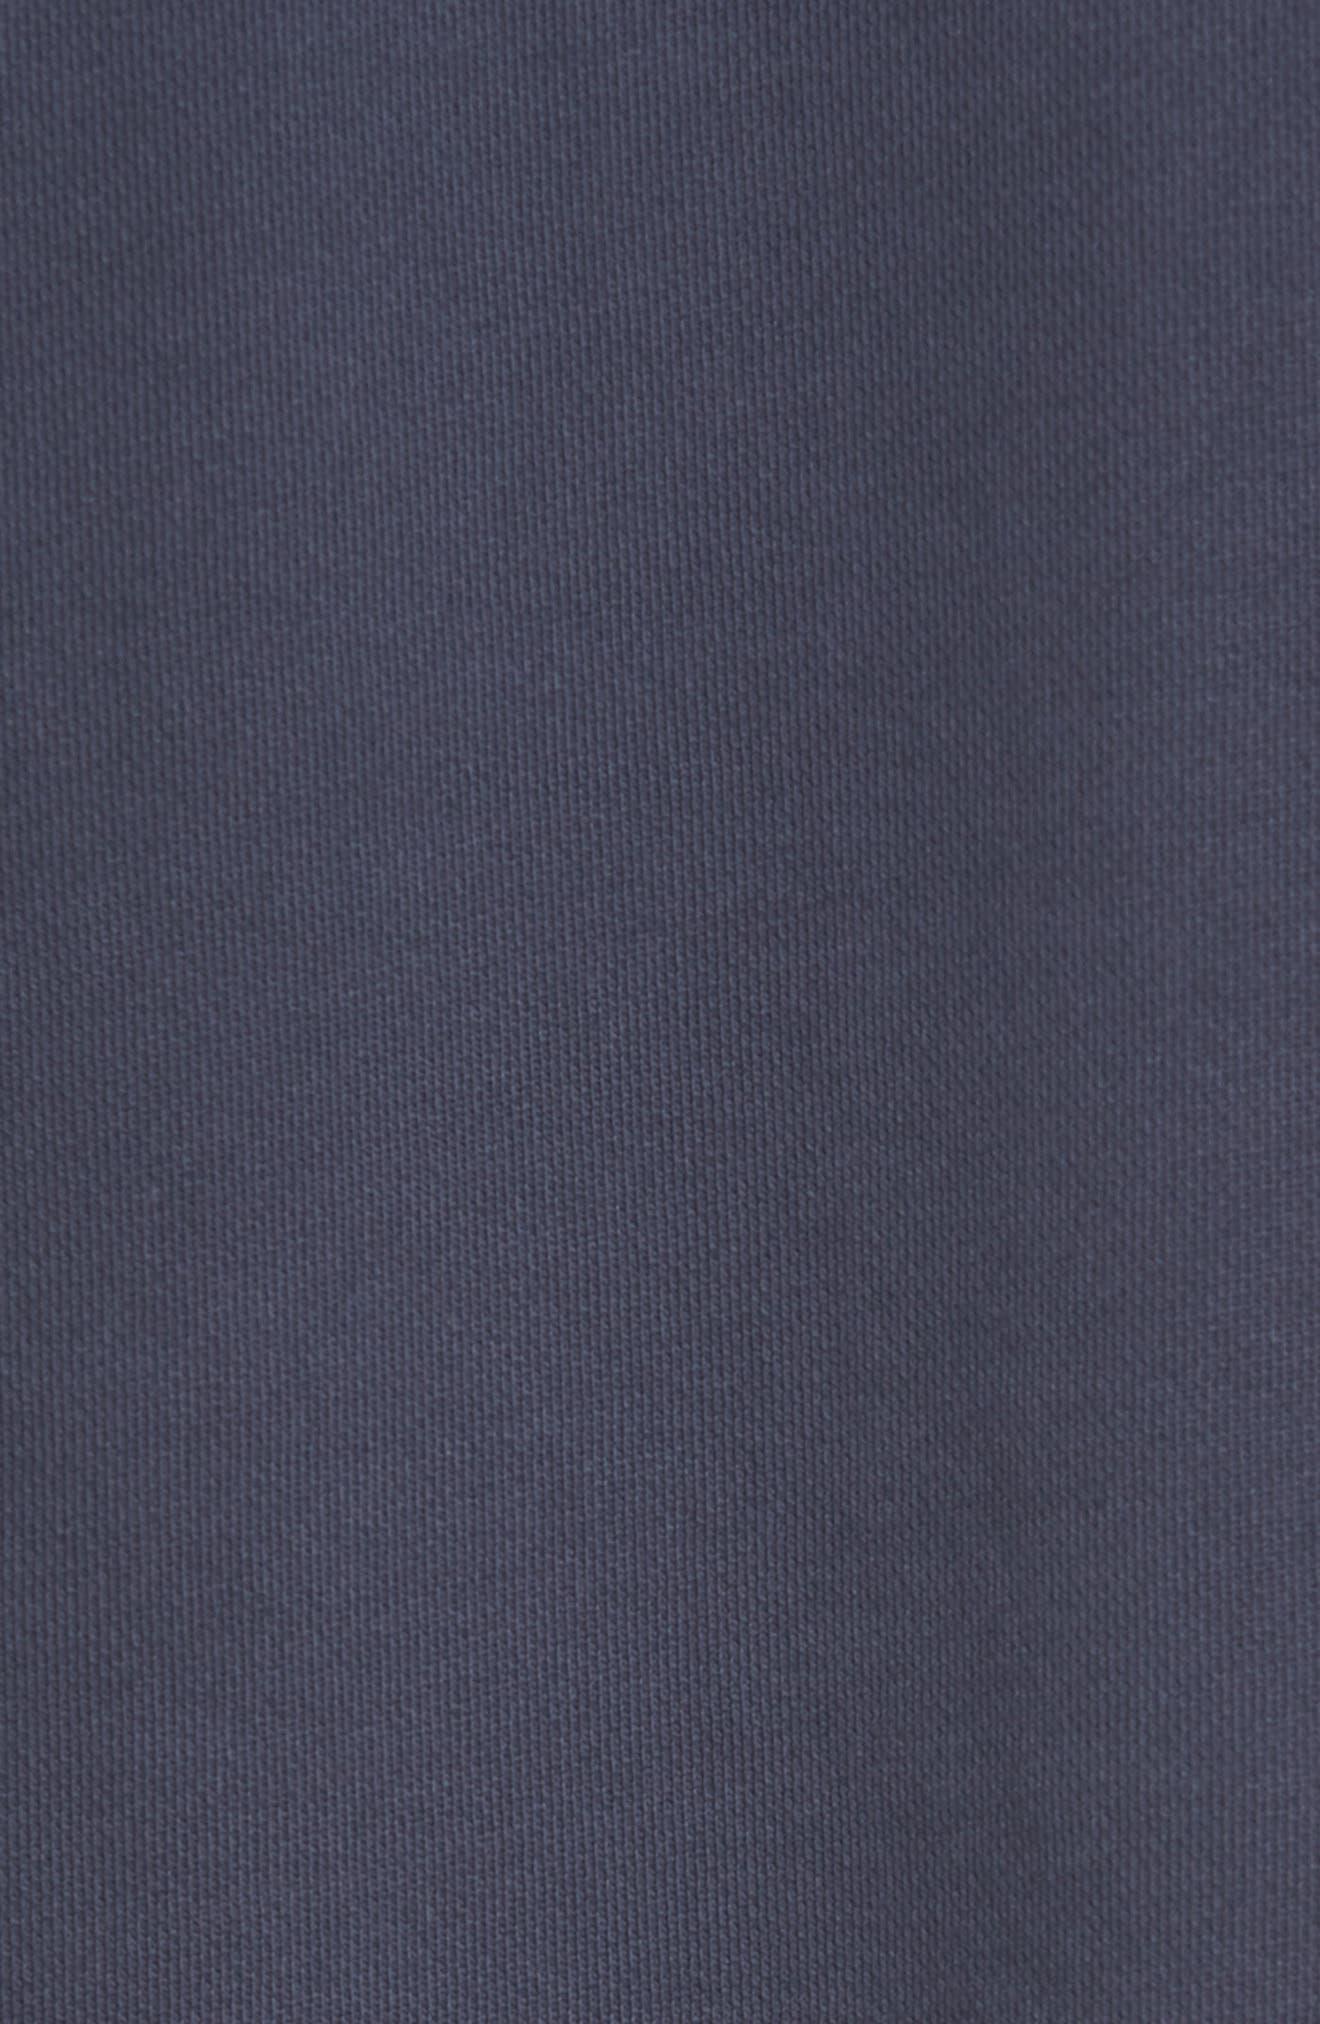 Brand Rugger Hooded Sweatshirt,                             Alternate thumbnail 5, color,                             Duke Blue